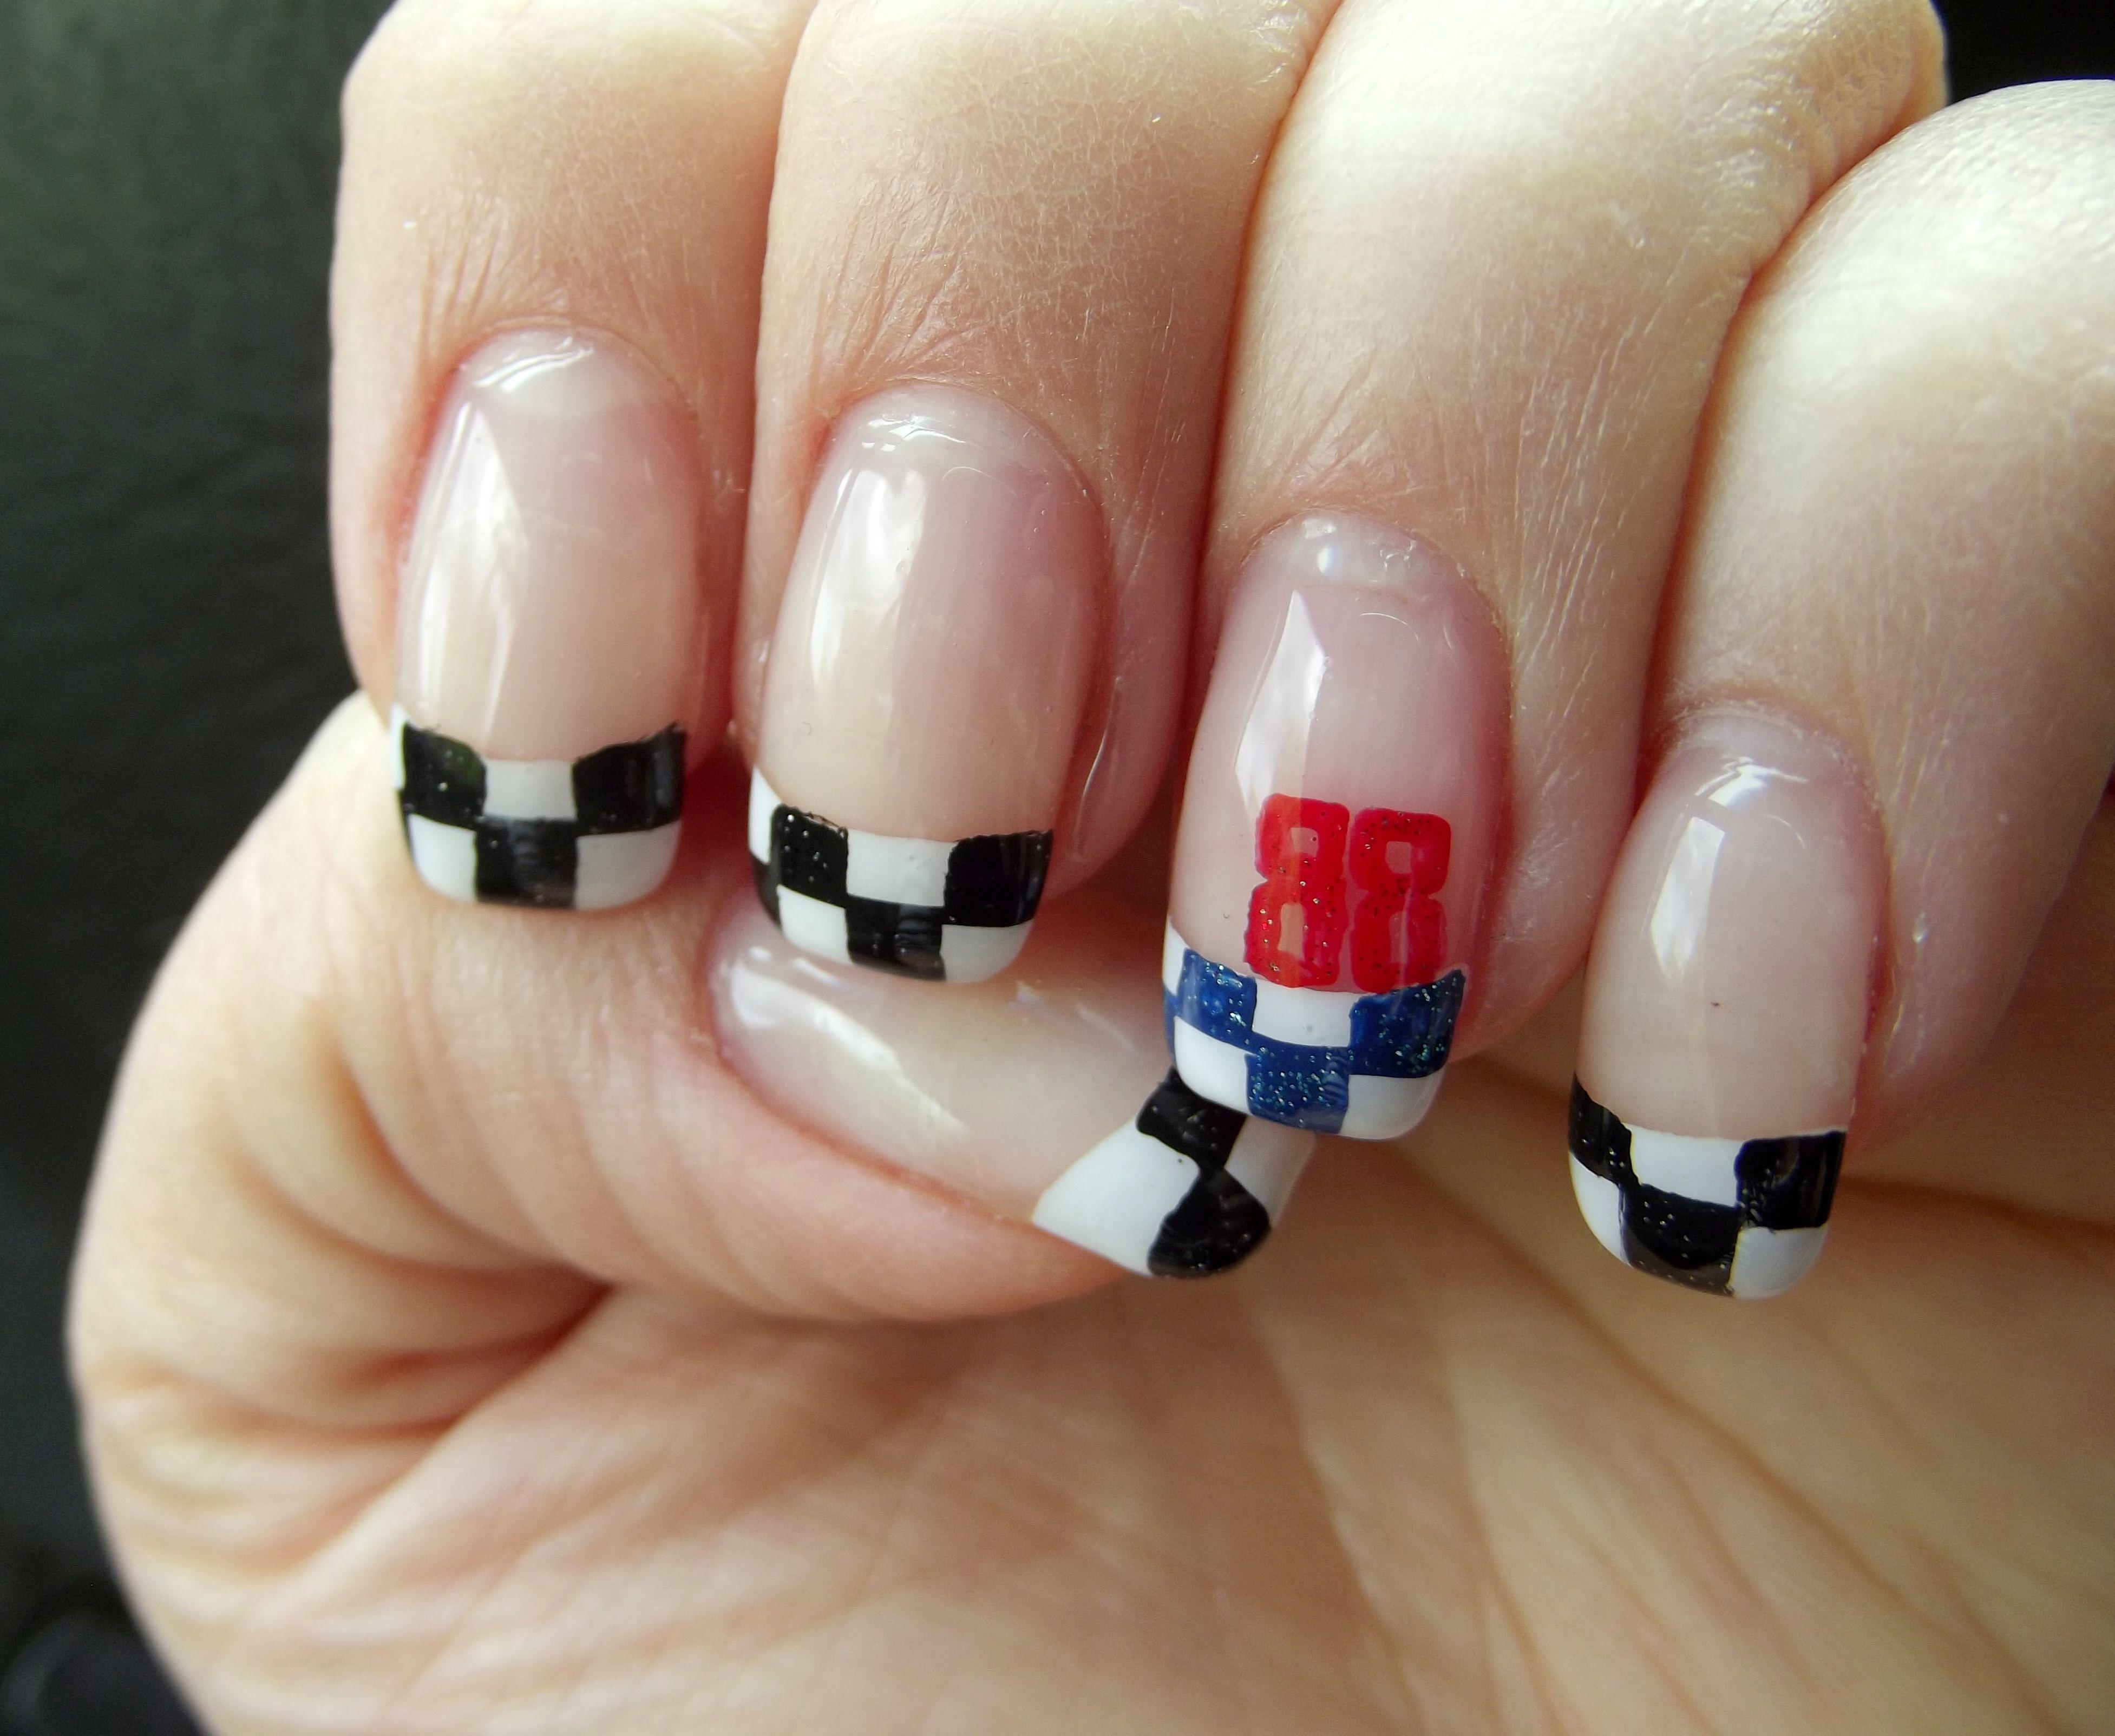 NASCAR Dale Jr. 88 Nail Art.